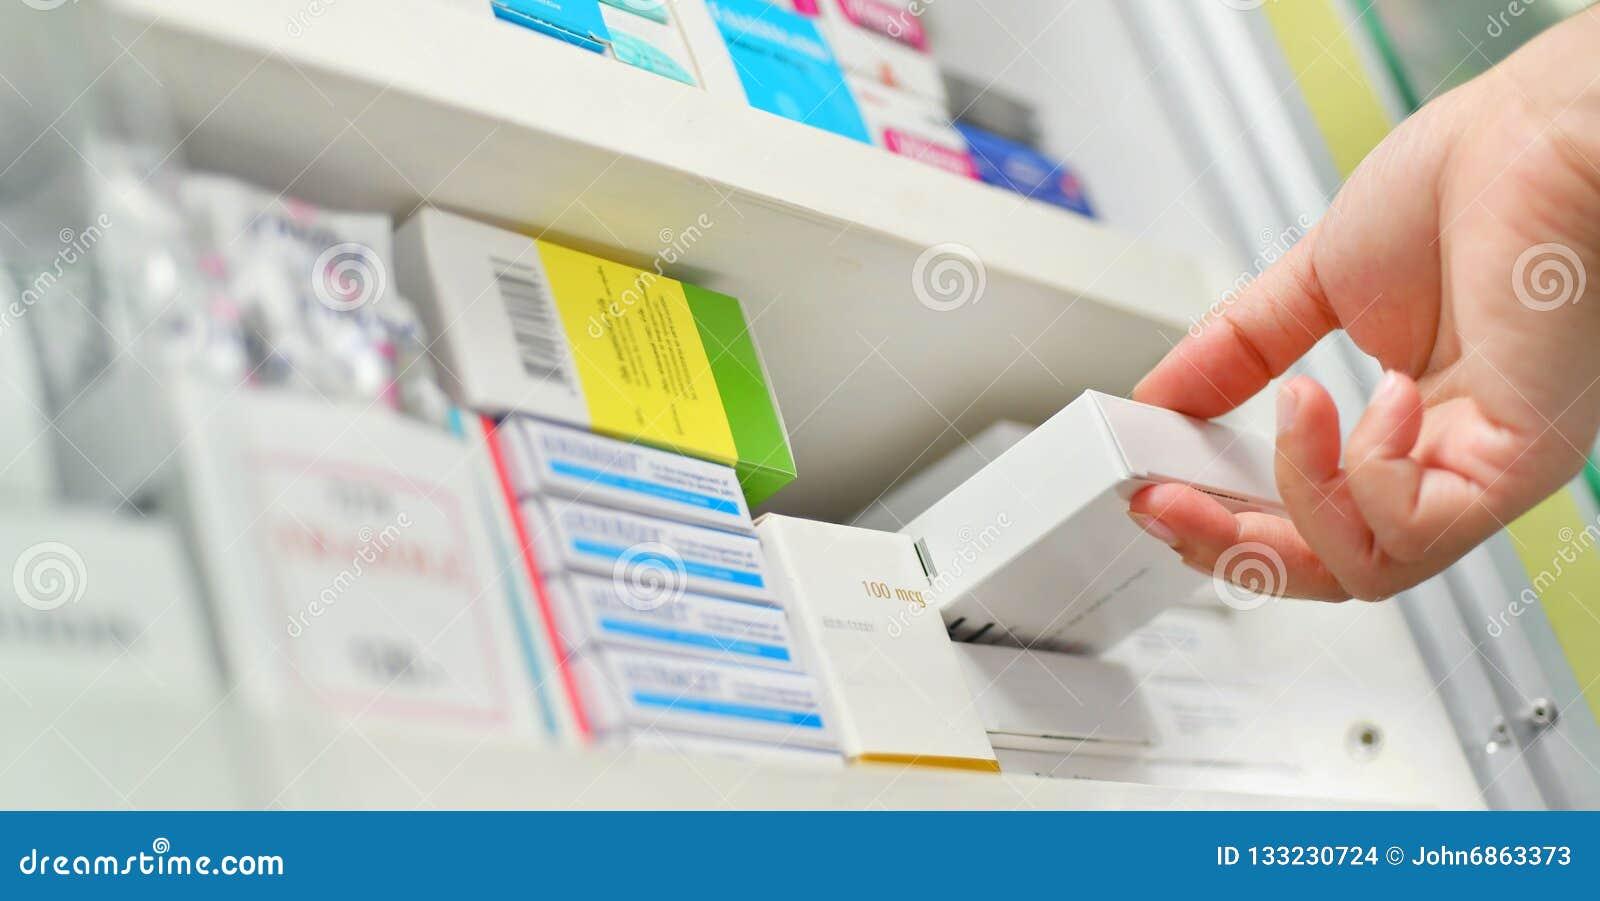 рука аптекаря держа коробку медицины в аптеке